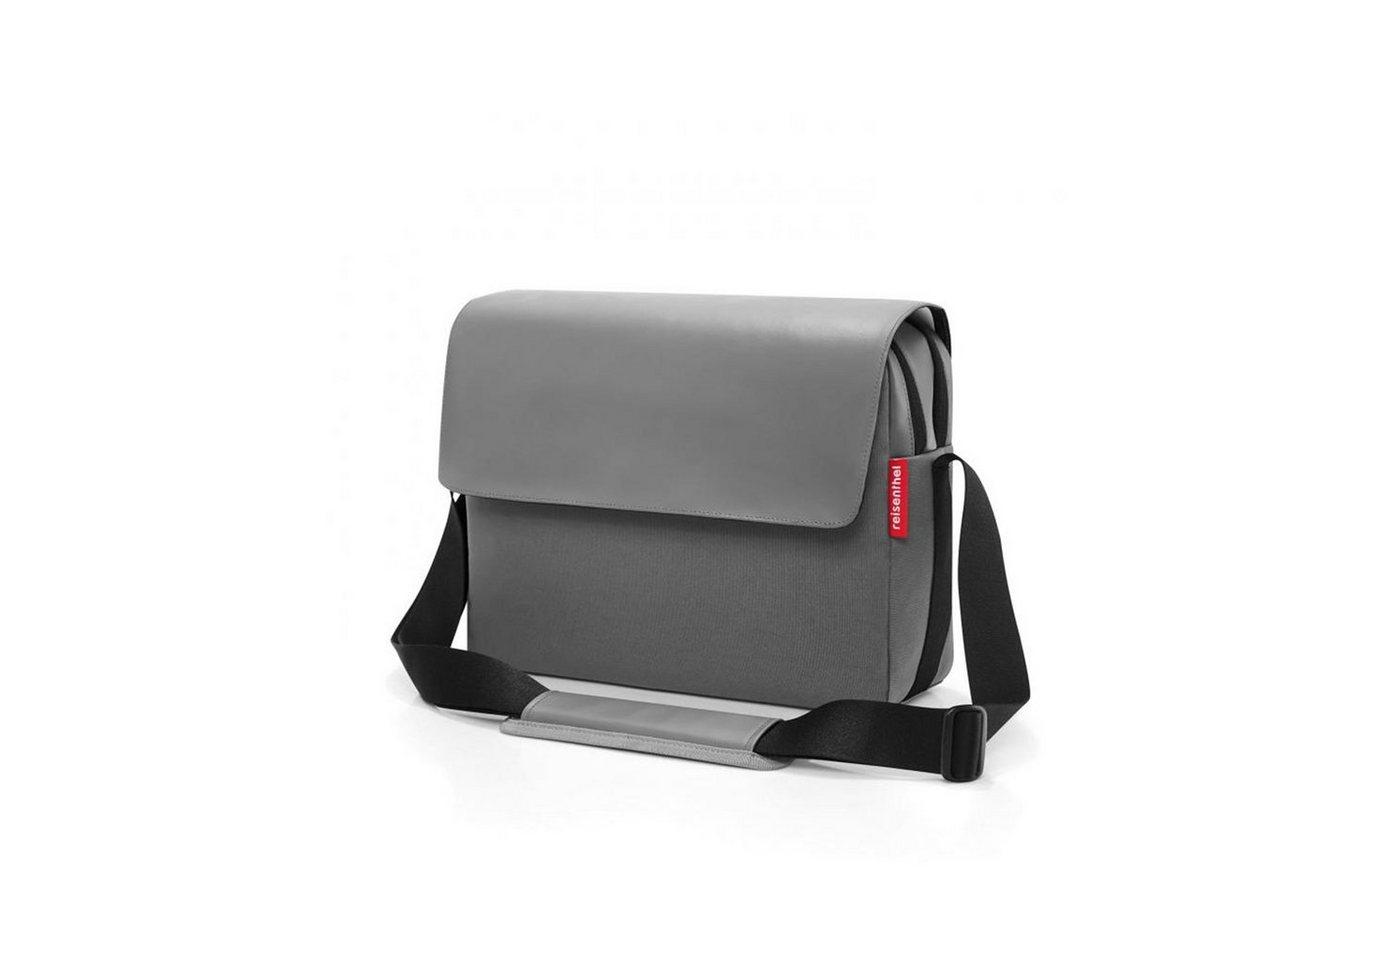 reisenthel® -  Messenger Bag »Kuriertasche courierbag 2«, Moderne Optik durch wechselnde Oberflächenstruktur, Frontflap mit 2 Magneten verschließbar, Rückseitiges Reißverschlussfach, 2 Hauptfächer mit Reißverschluss: hinteres Fach gepolstert und perfekt für